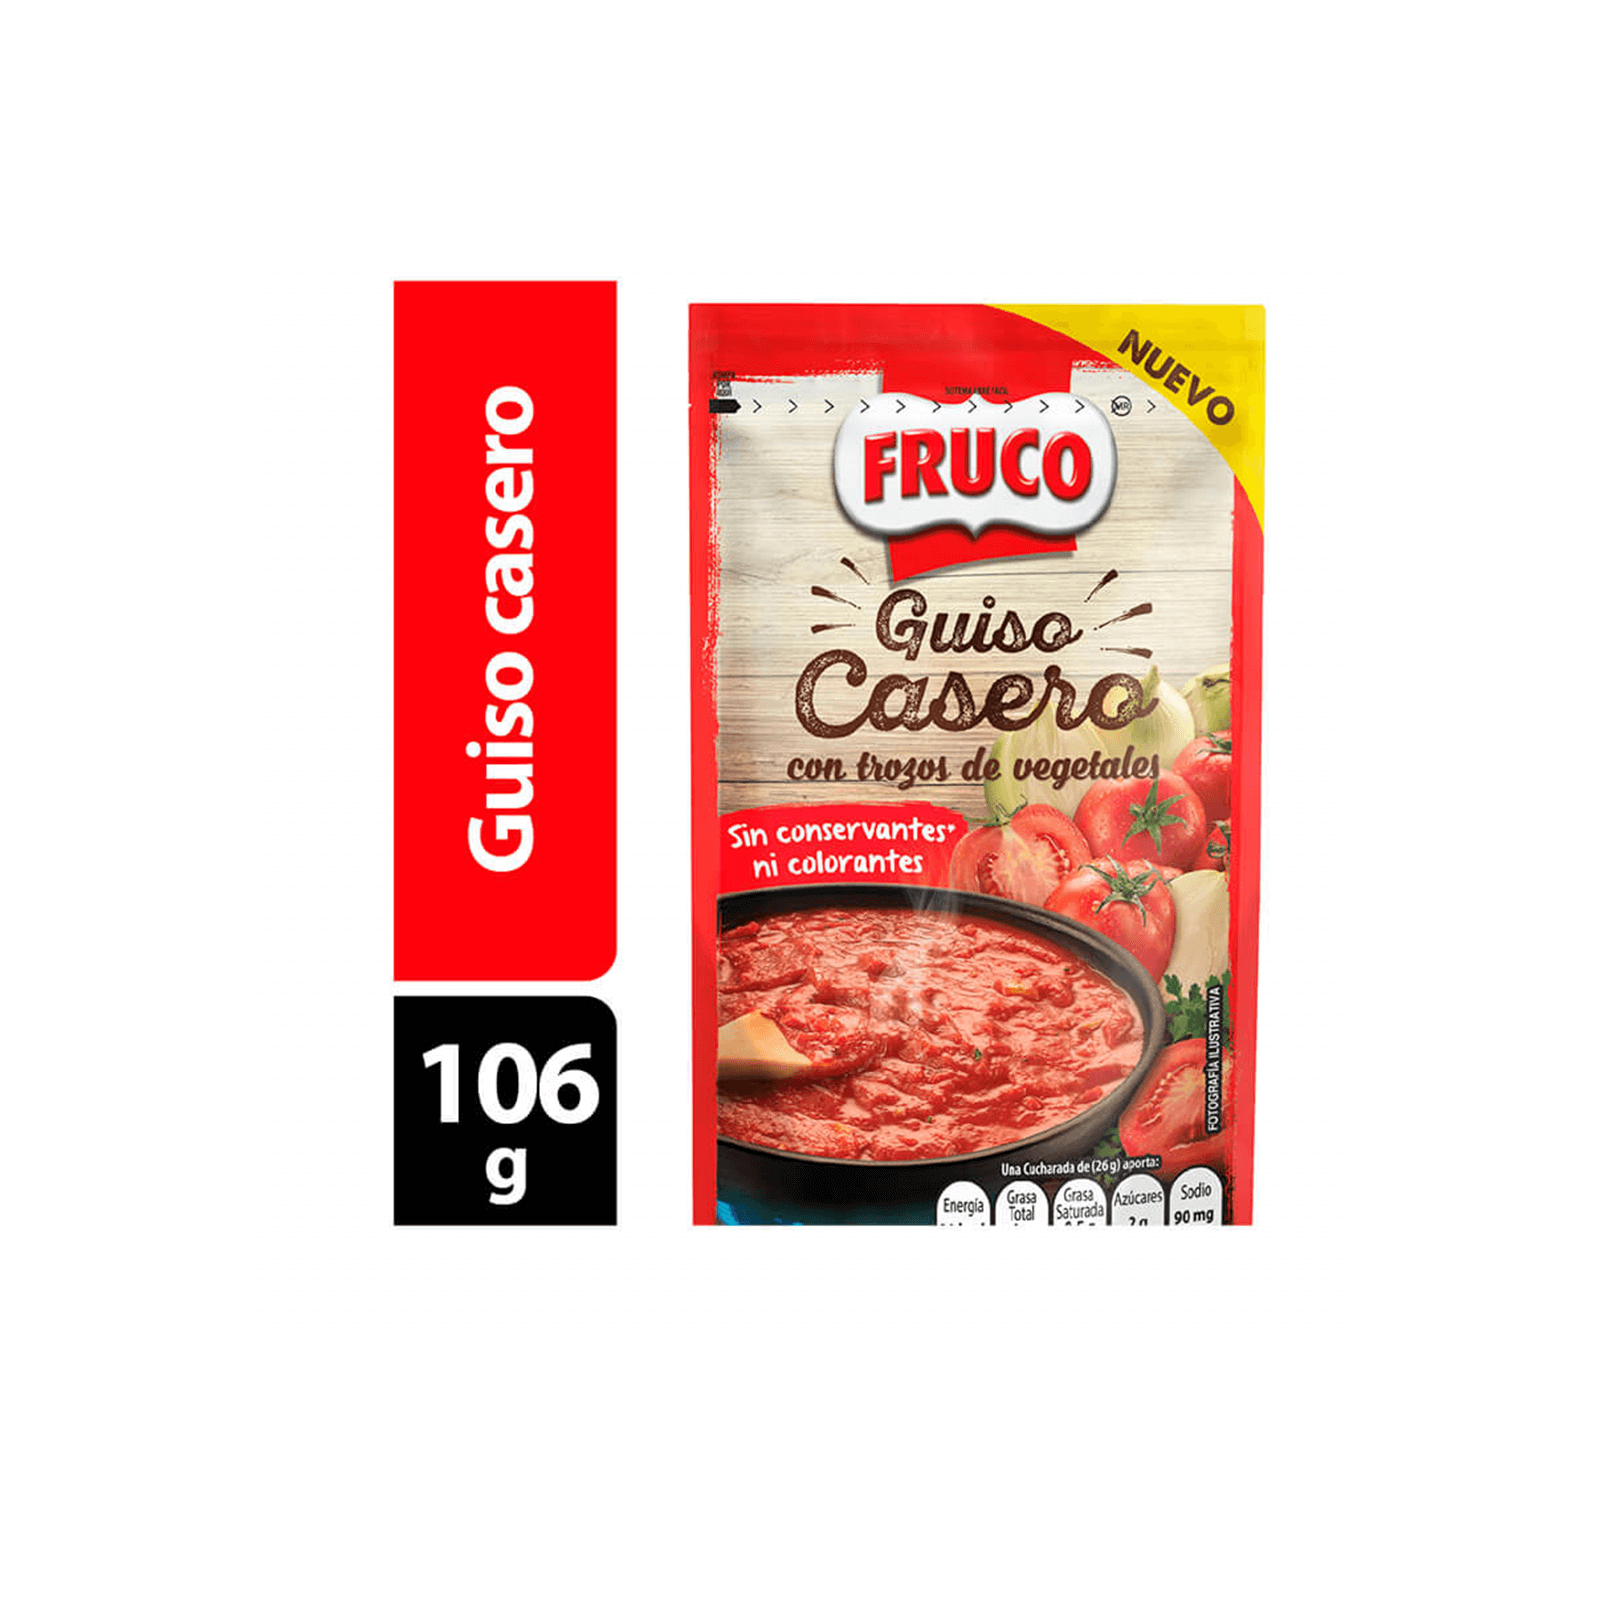 Guiso Casero Fruco